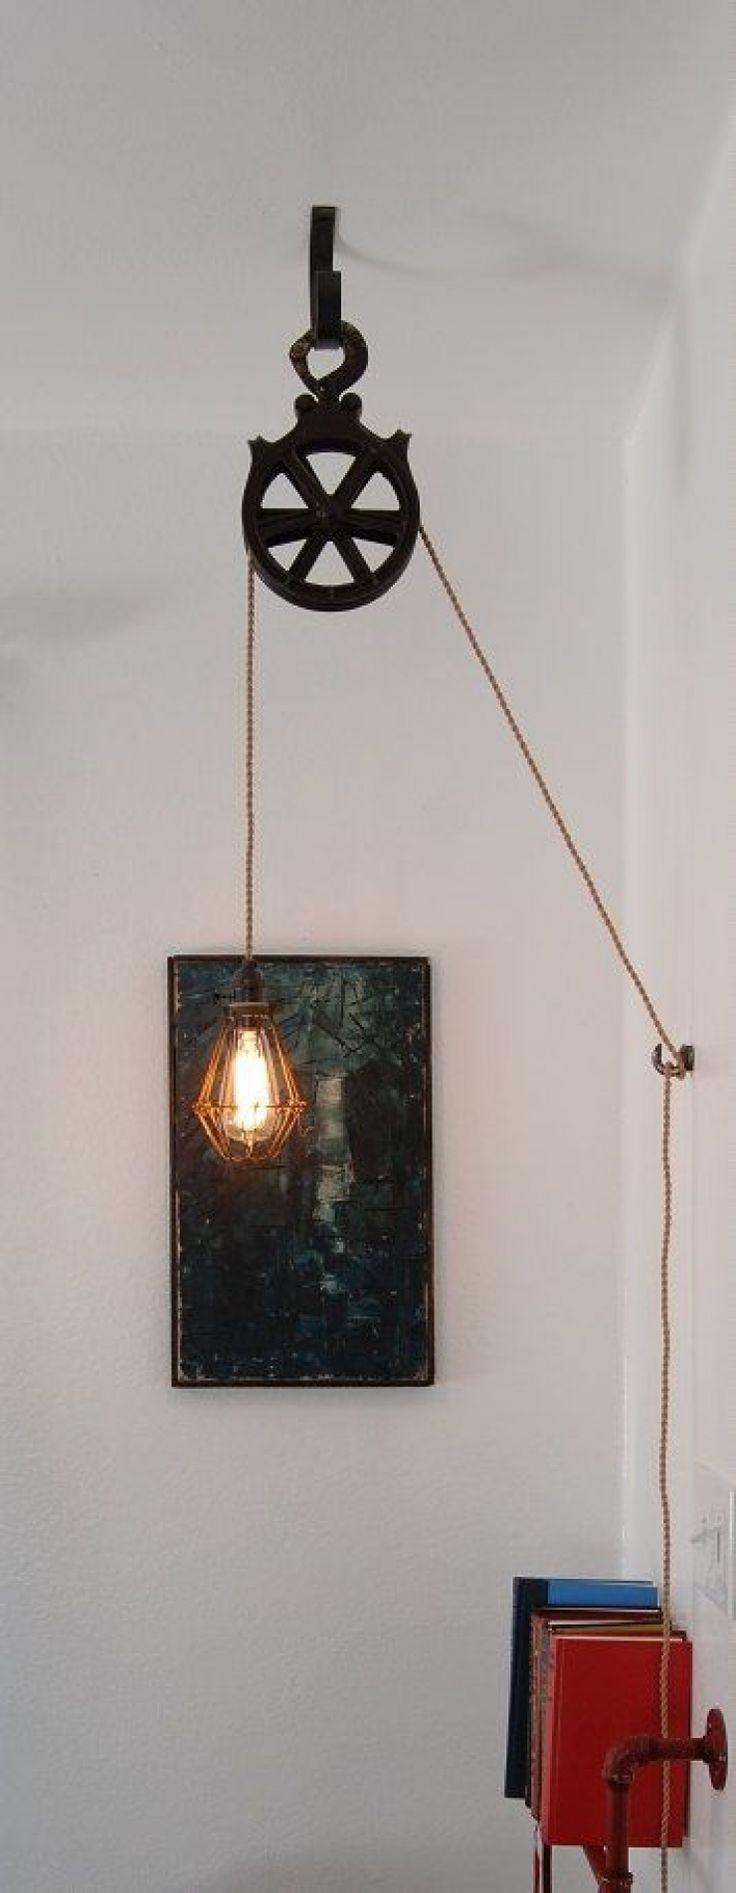 les 25 meilleures id es de la cat gorie lumi re de poulie sur pinterest anse lampe de chevet. Black Bedroom Furniture Sets. Home Design Ideas